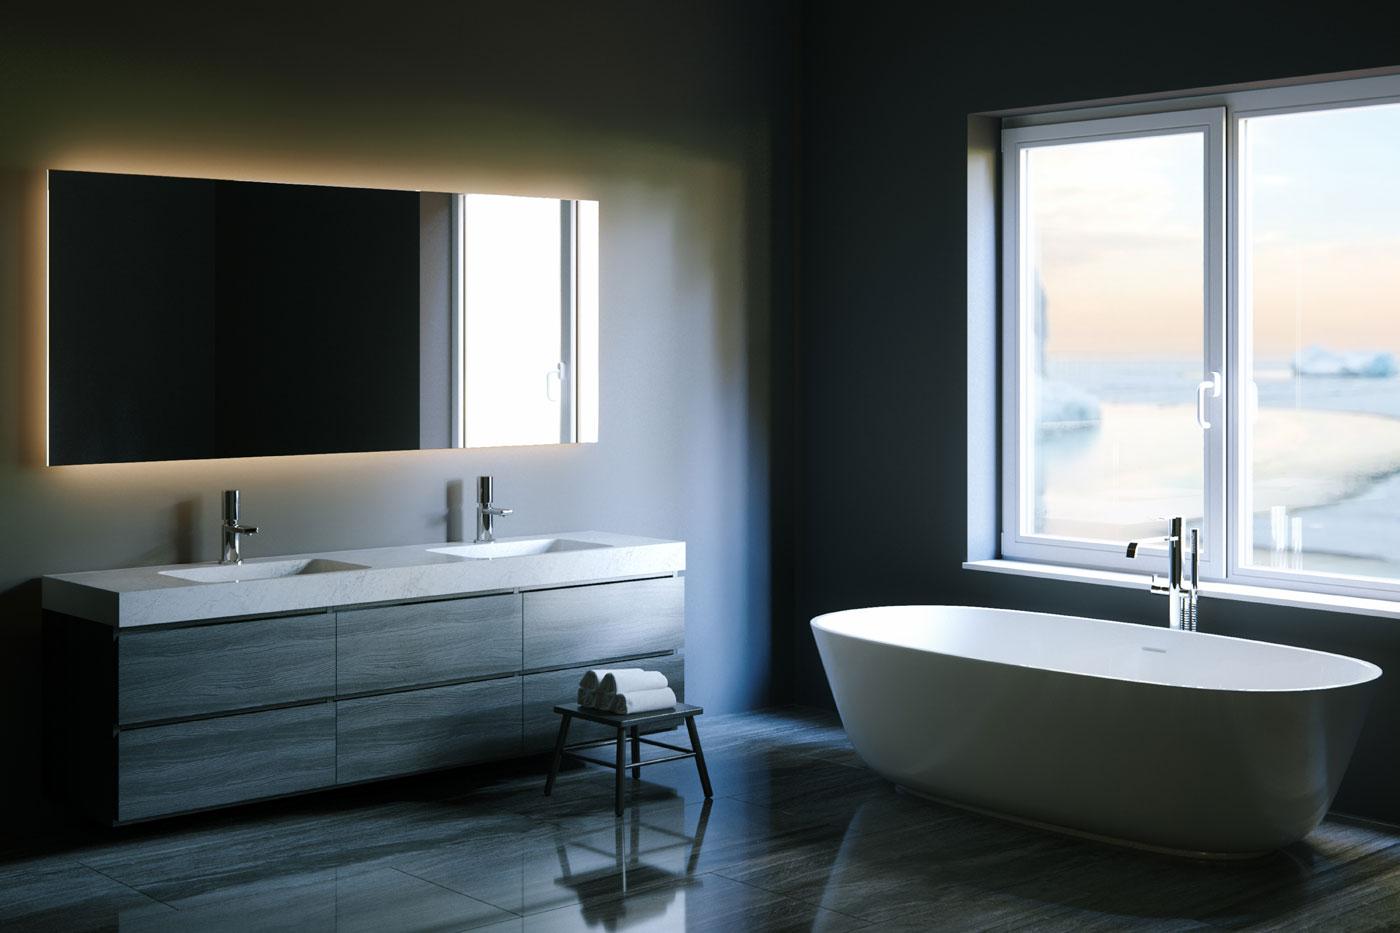 Badezimmerspiegel Gross.Spiegel Online Kaufen Vom Hersteller Massanfertigung